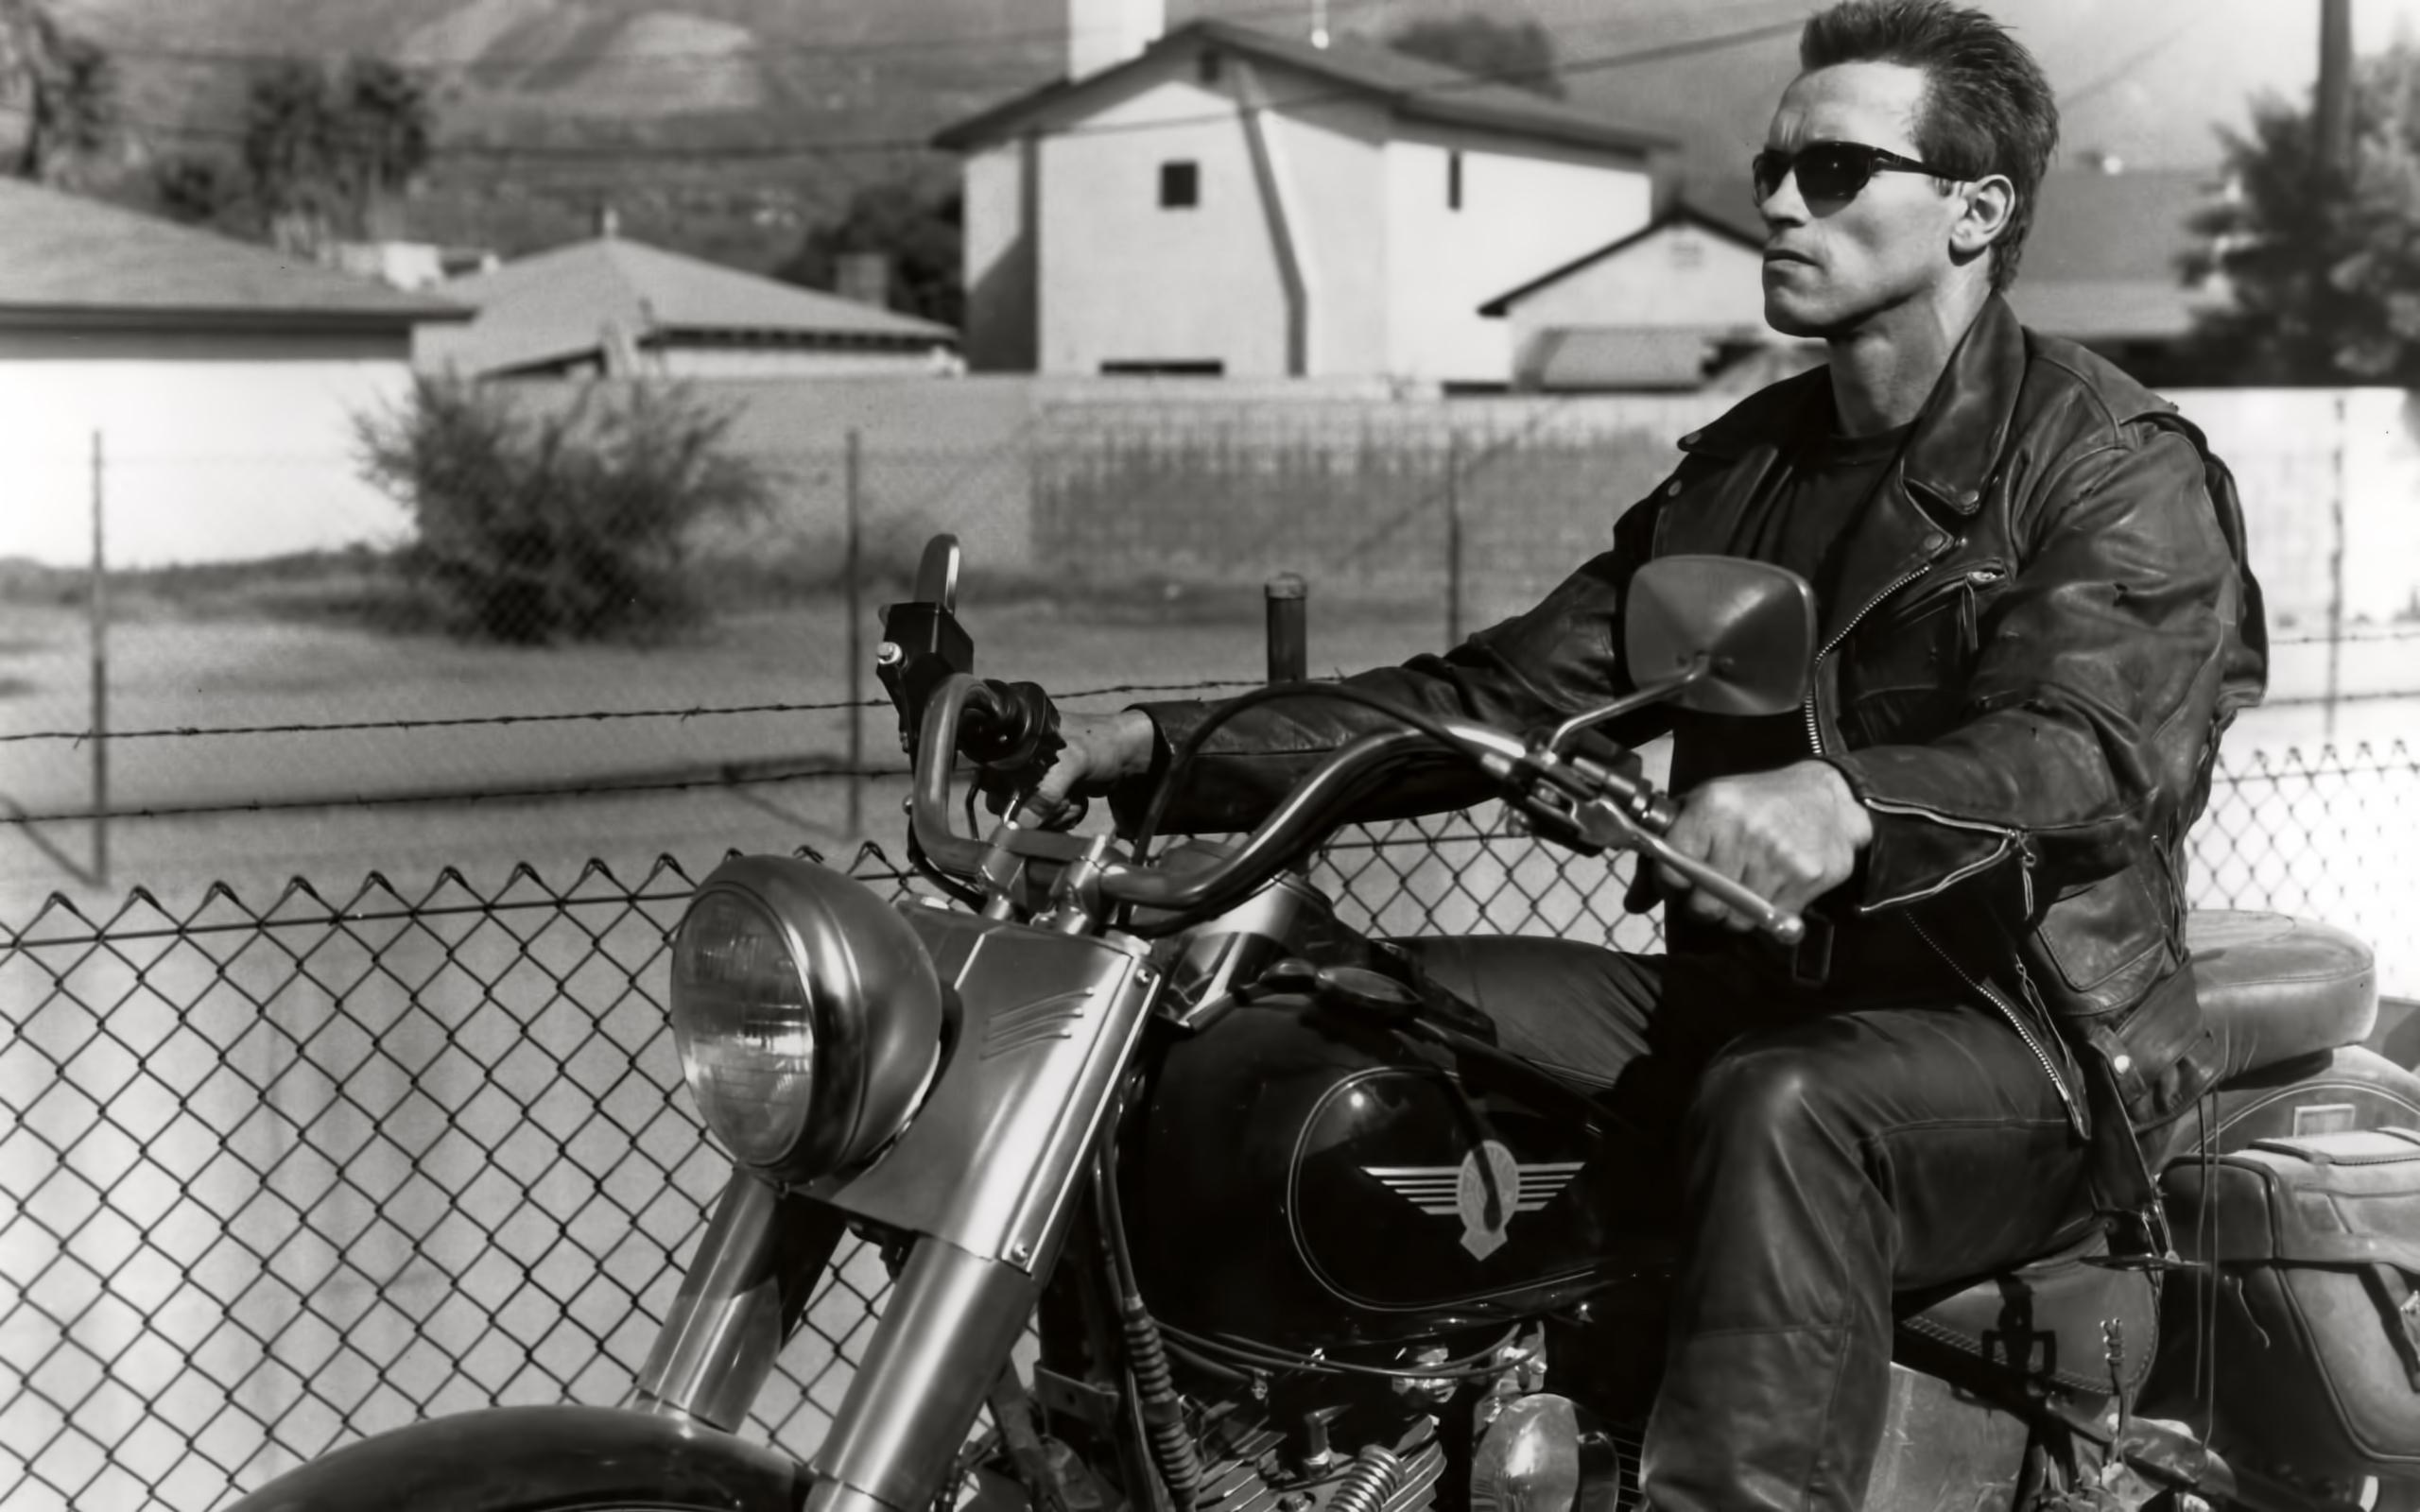 24490 Hintergrundbild herunterladen Kino, Menschen, Schauspieler, Männer, Arnold Schwarzenegger, Terminator - Bildschirmschoner und Bilder kostenlos